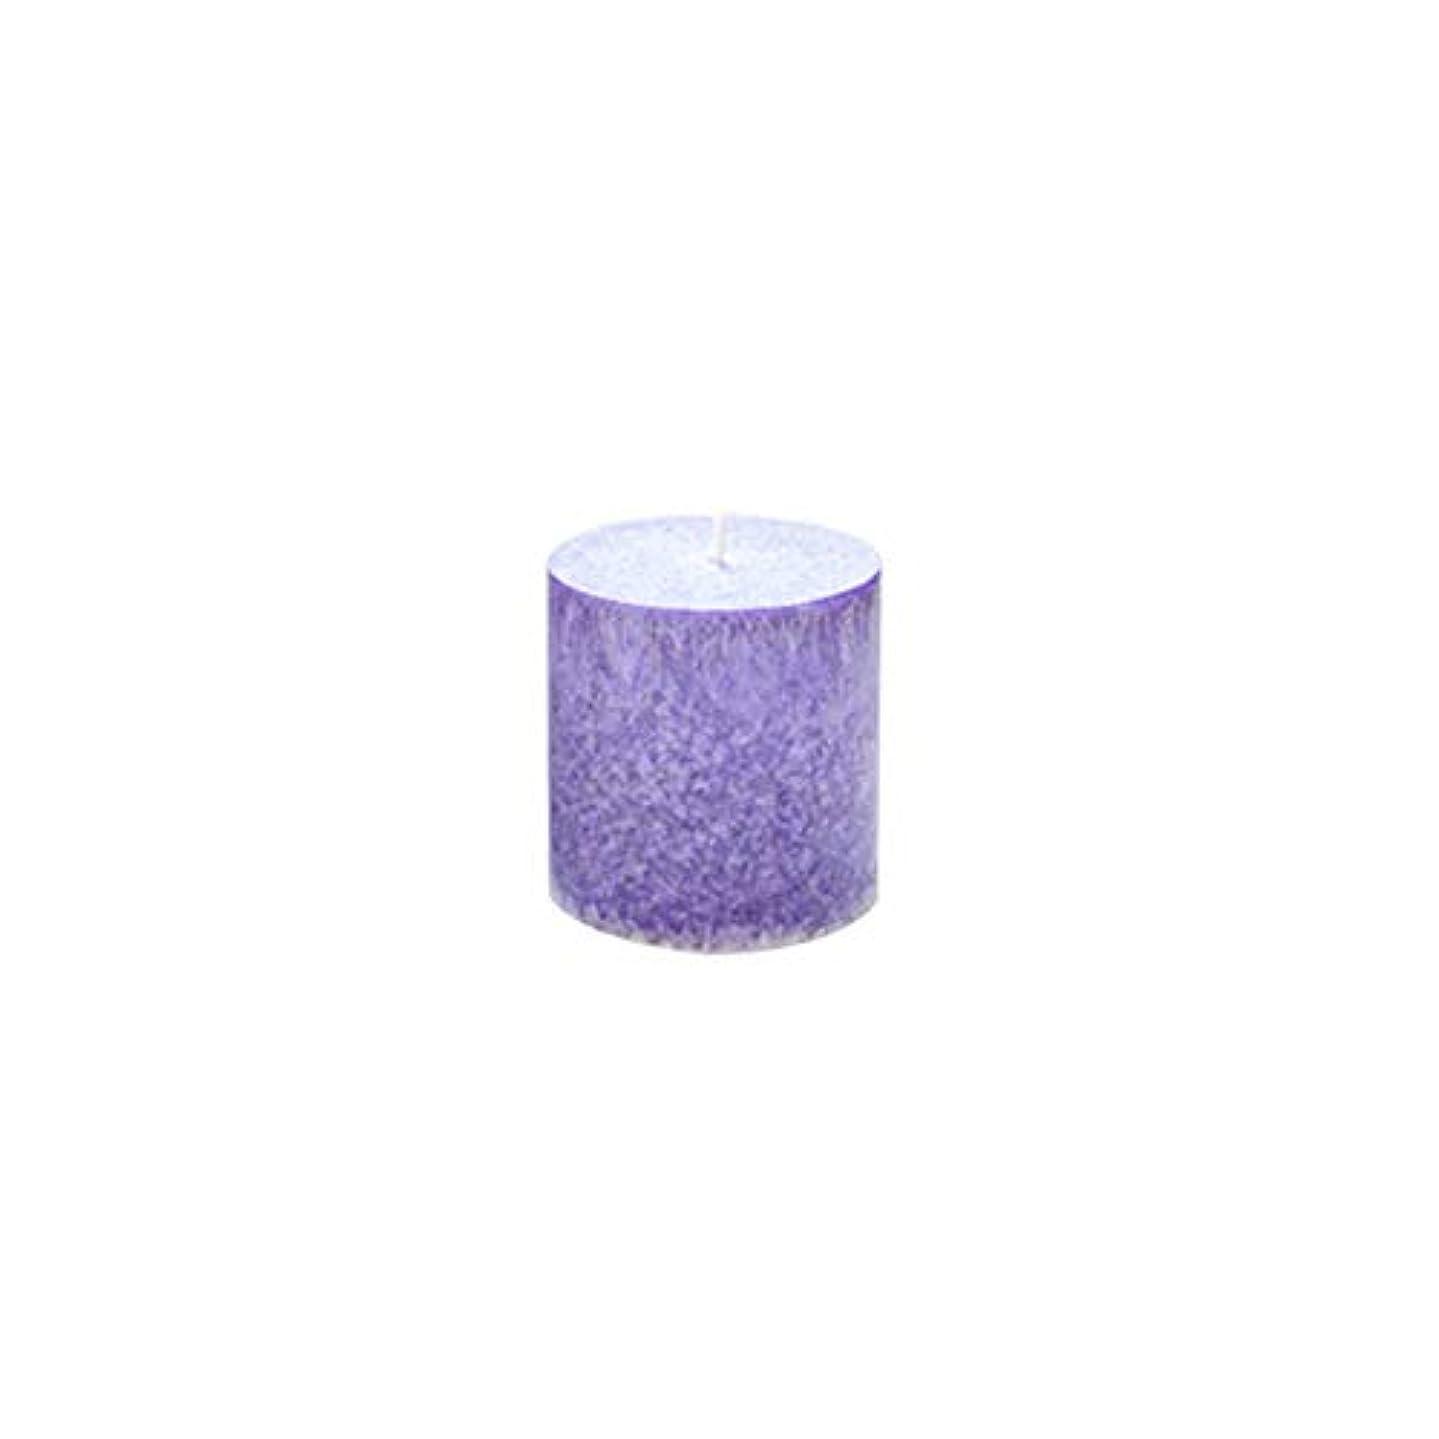 規範自分自身無能Rakuby 香料入り 蝋燭 ロマンチック 紫色 ラベンダー アロマ療法 柱 蝋燭 祝祭 結婚祝い 無煙蝋燭